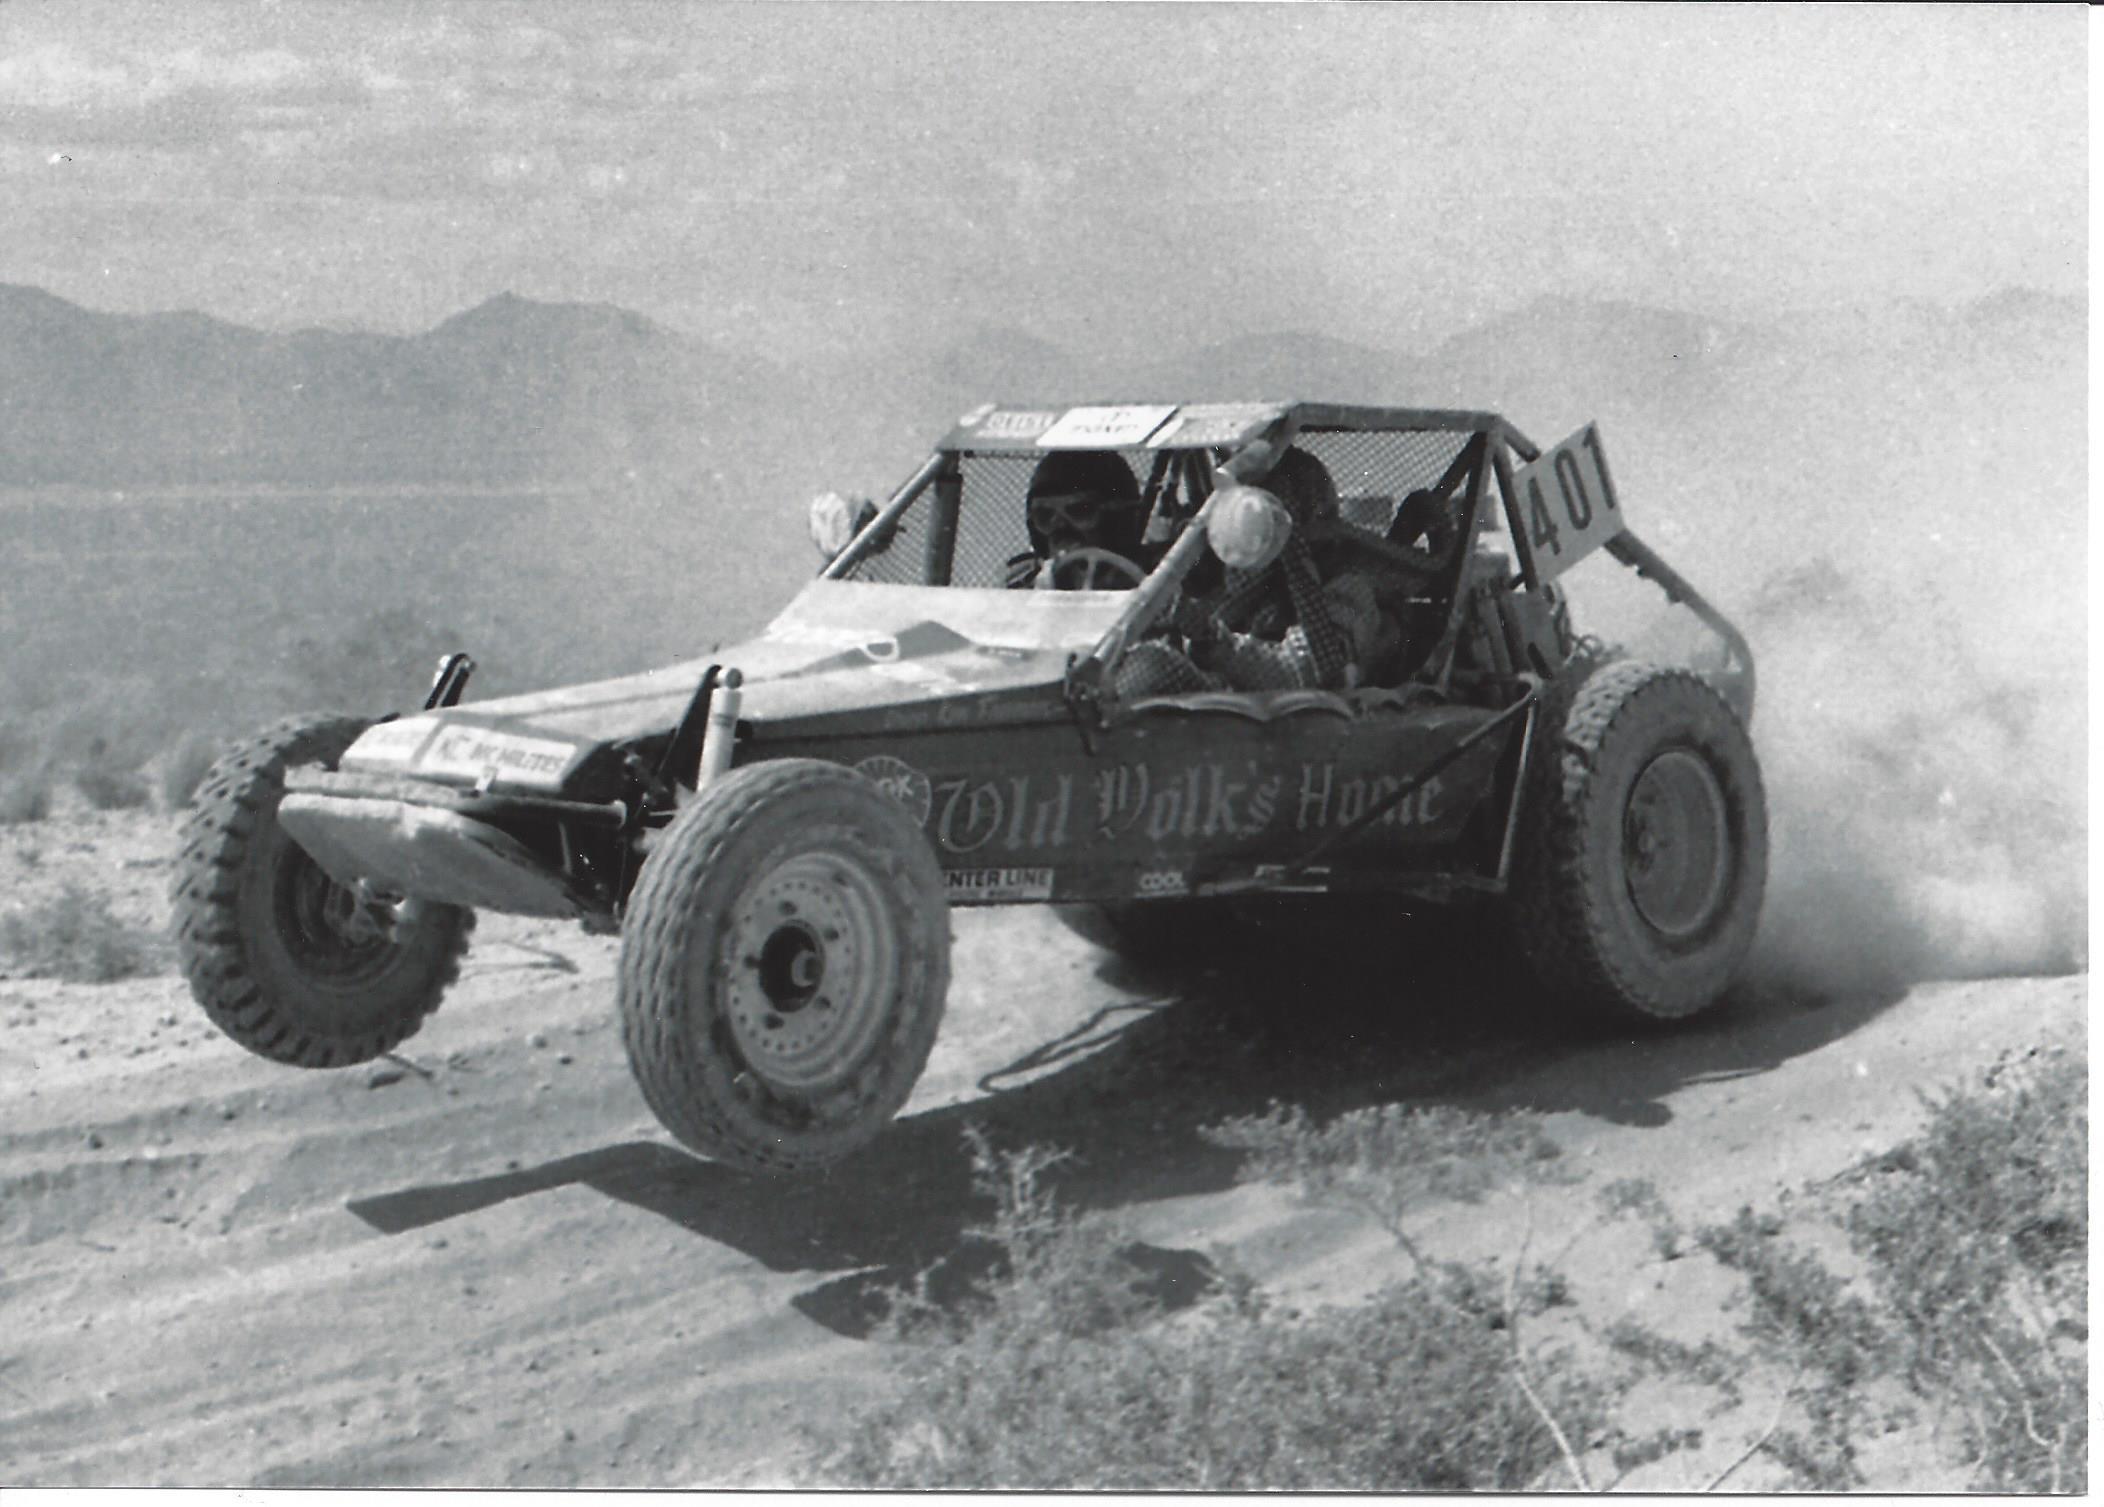 B&W Race Car Photos0008.jpg